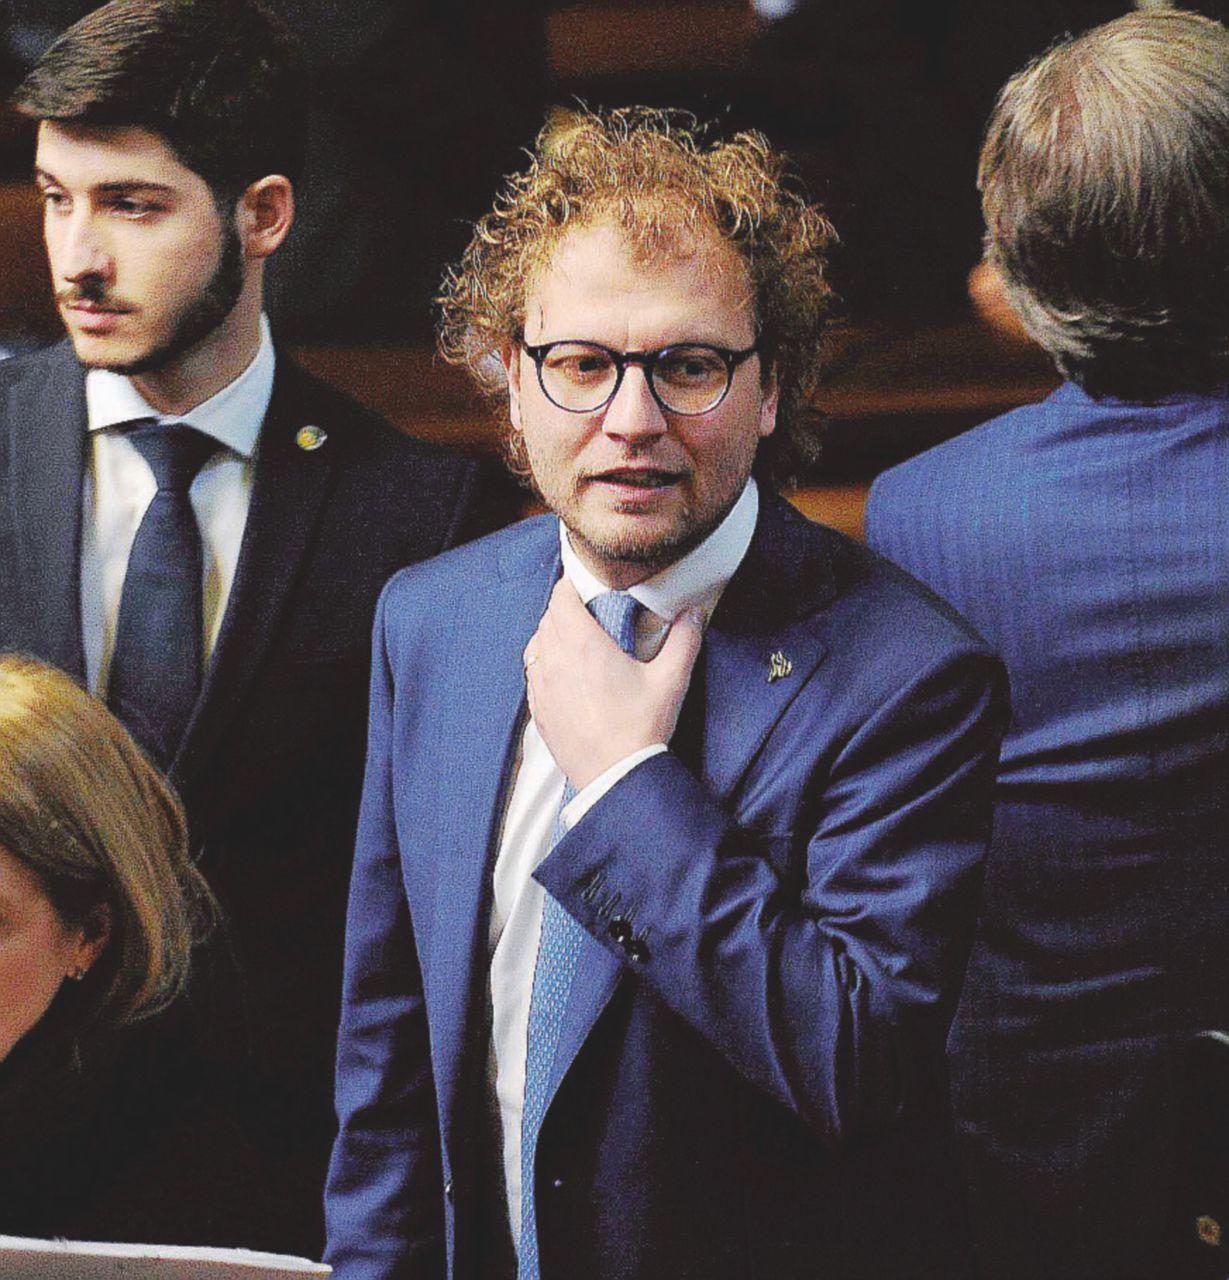 Sul Fatto del 15 marzo – Lotti nei guai: altre conversazioni e Marroni non ritratta le accuse